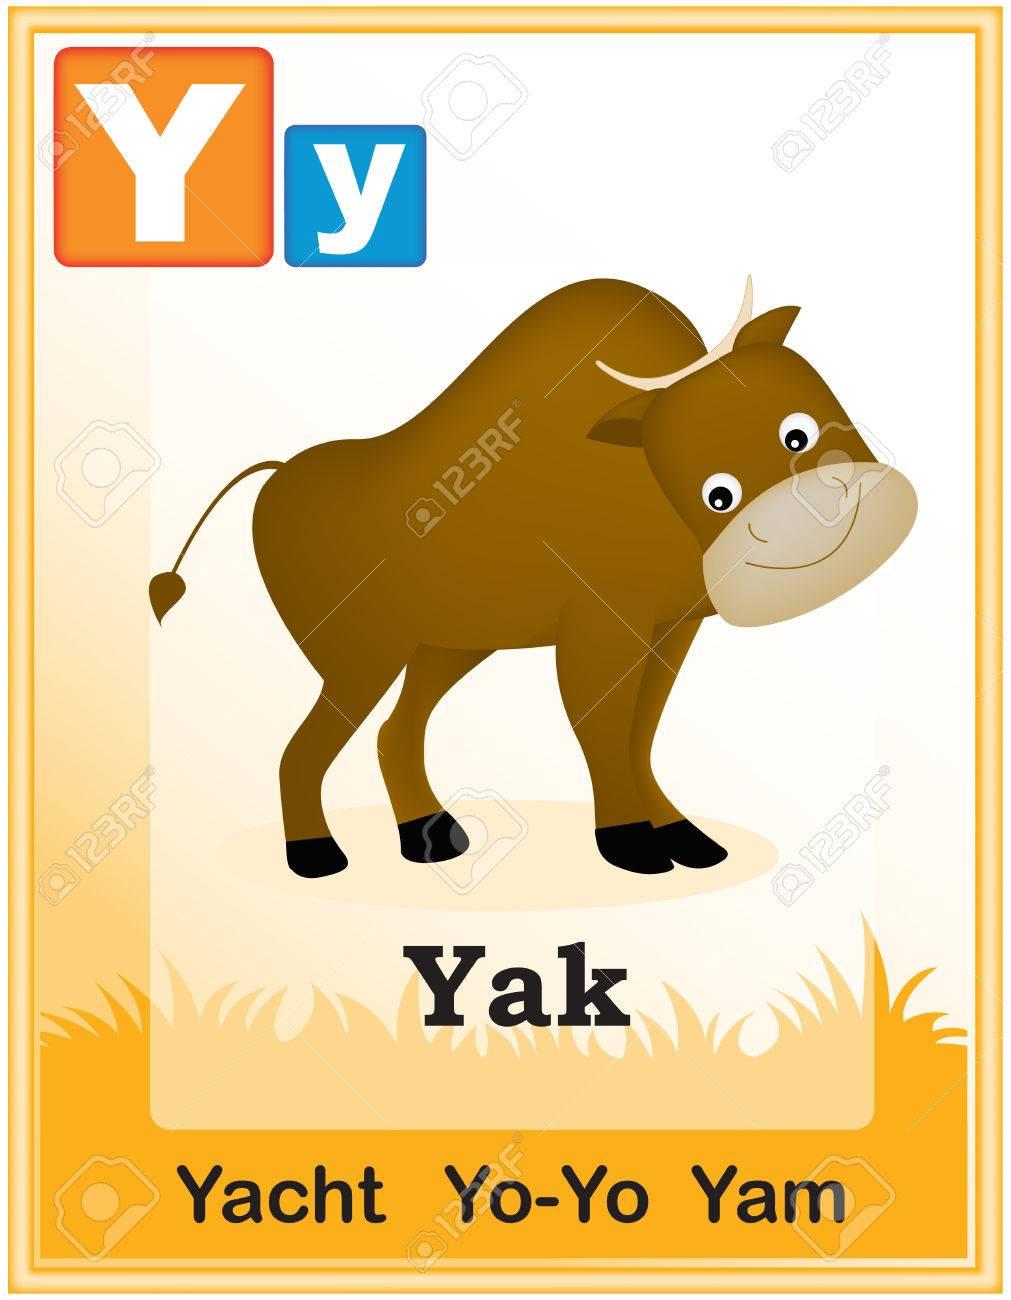 かわいい動物と資本類似単語イラストと簡単な手紙と動物のアルファベット